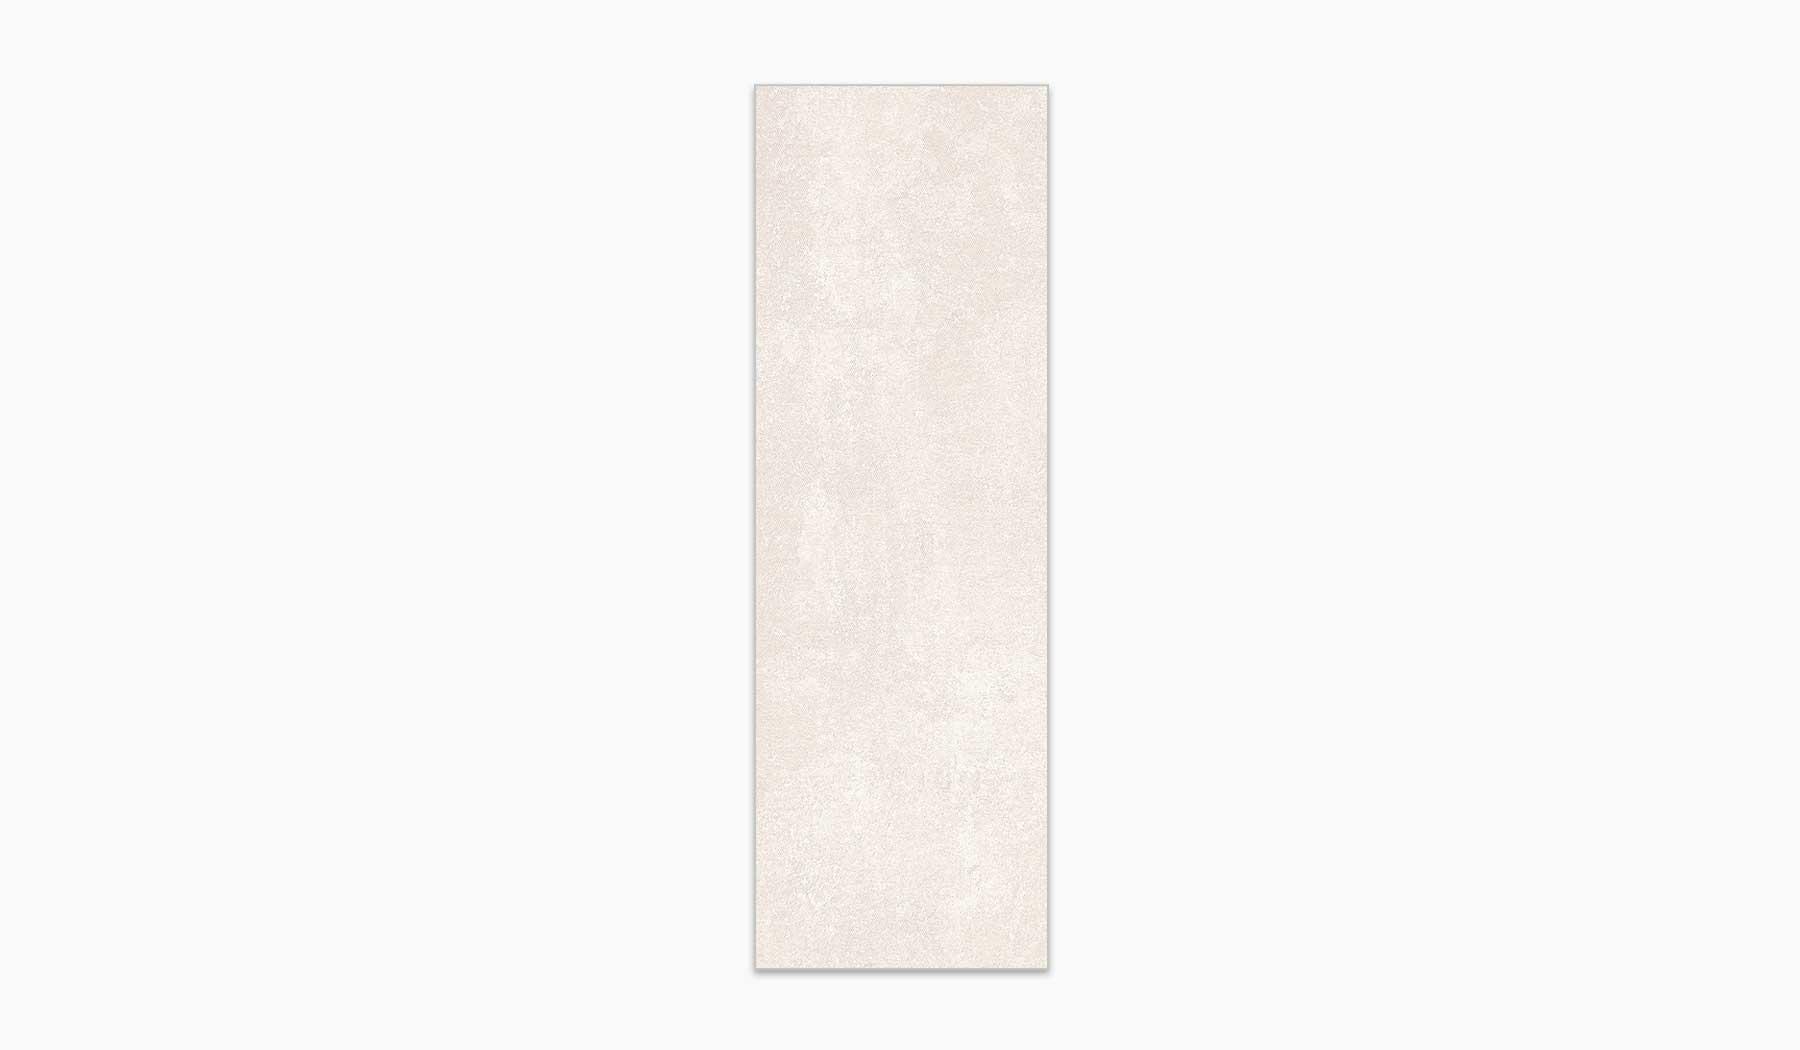 boom ceramic , Wall Tile Mersala , Light Cream Cement texture , Matt Flat in size 90*30